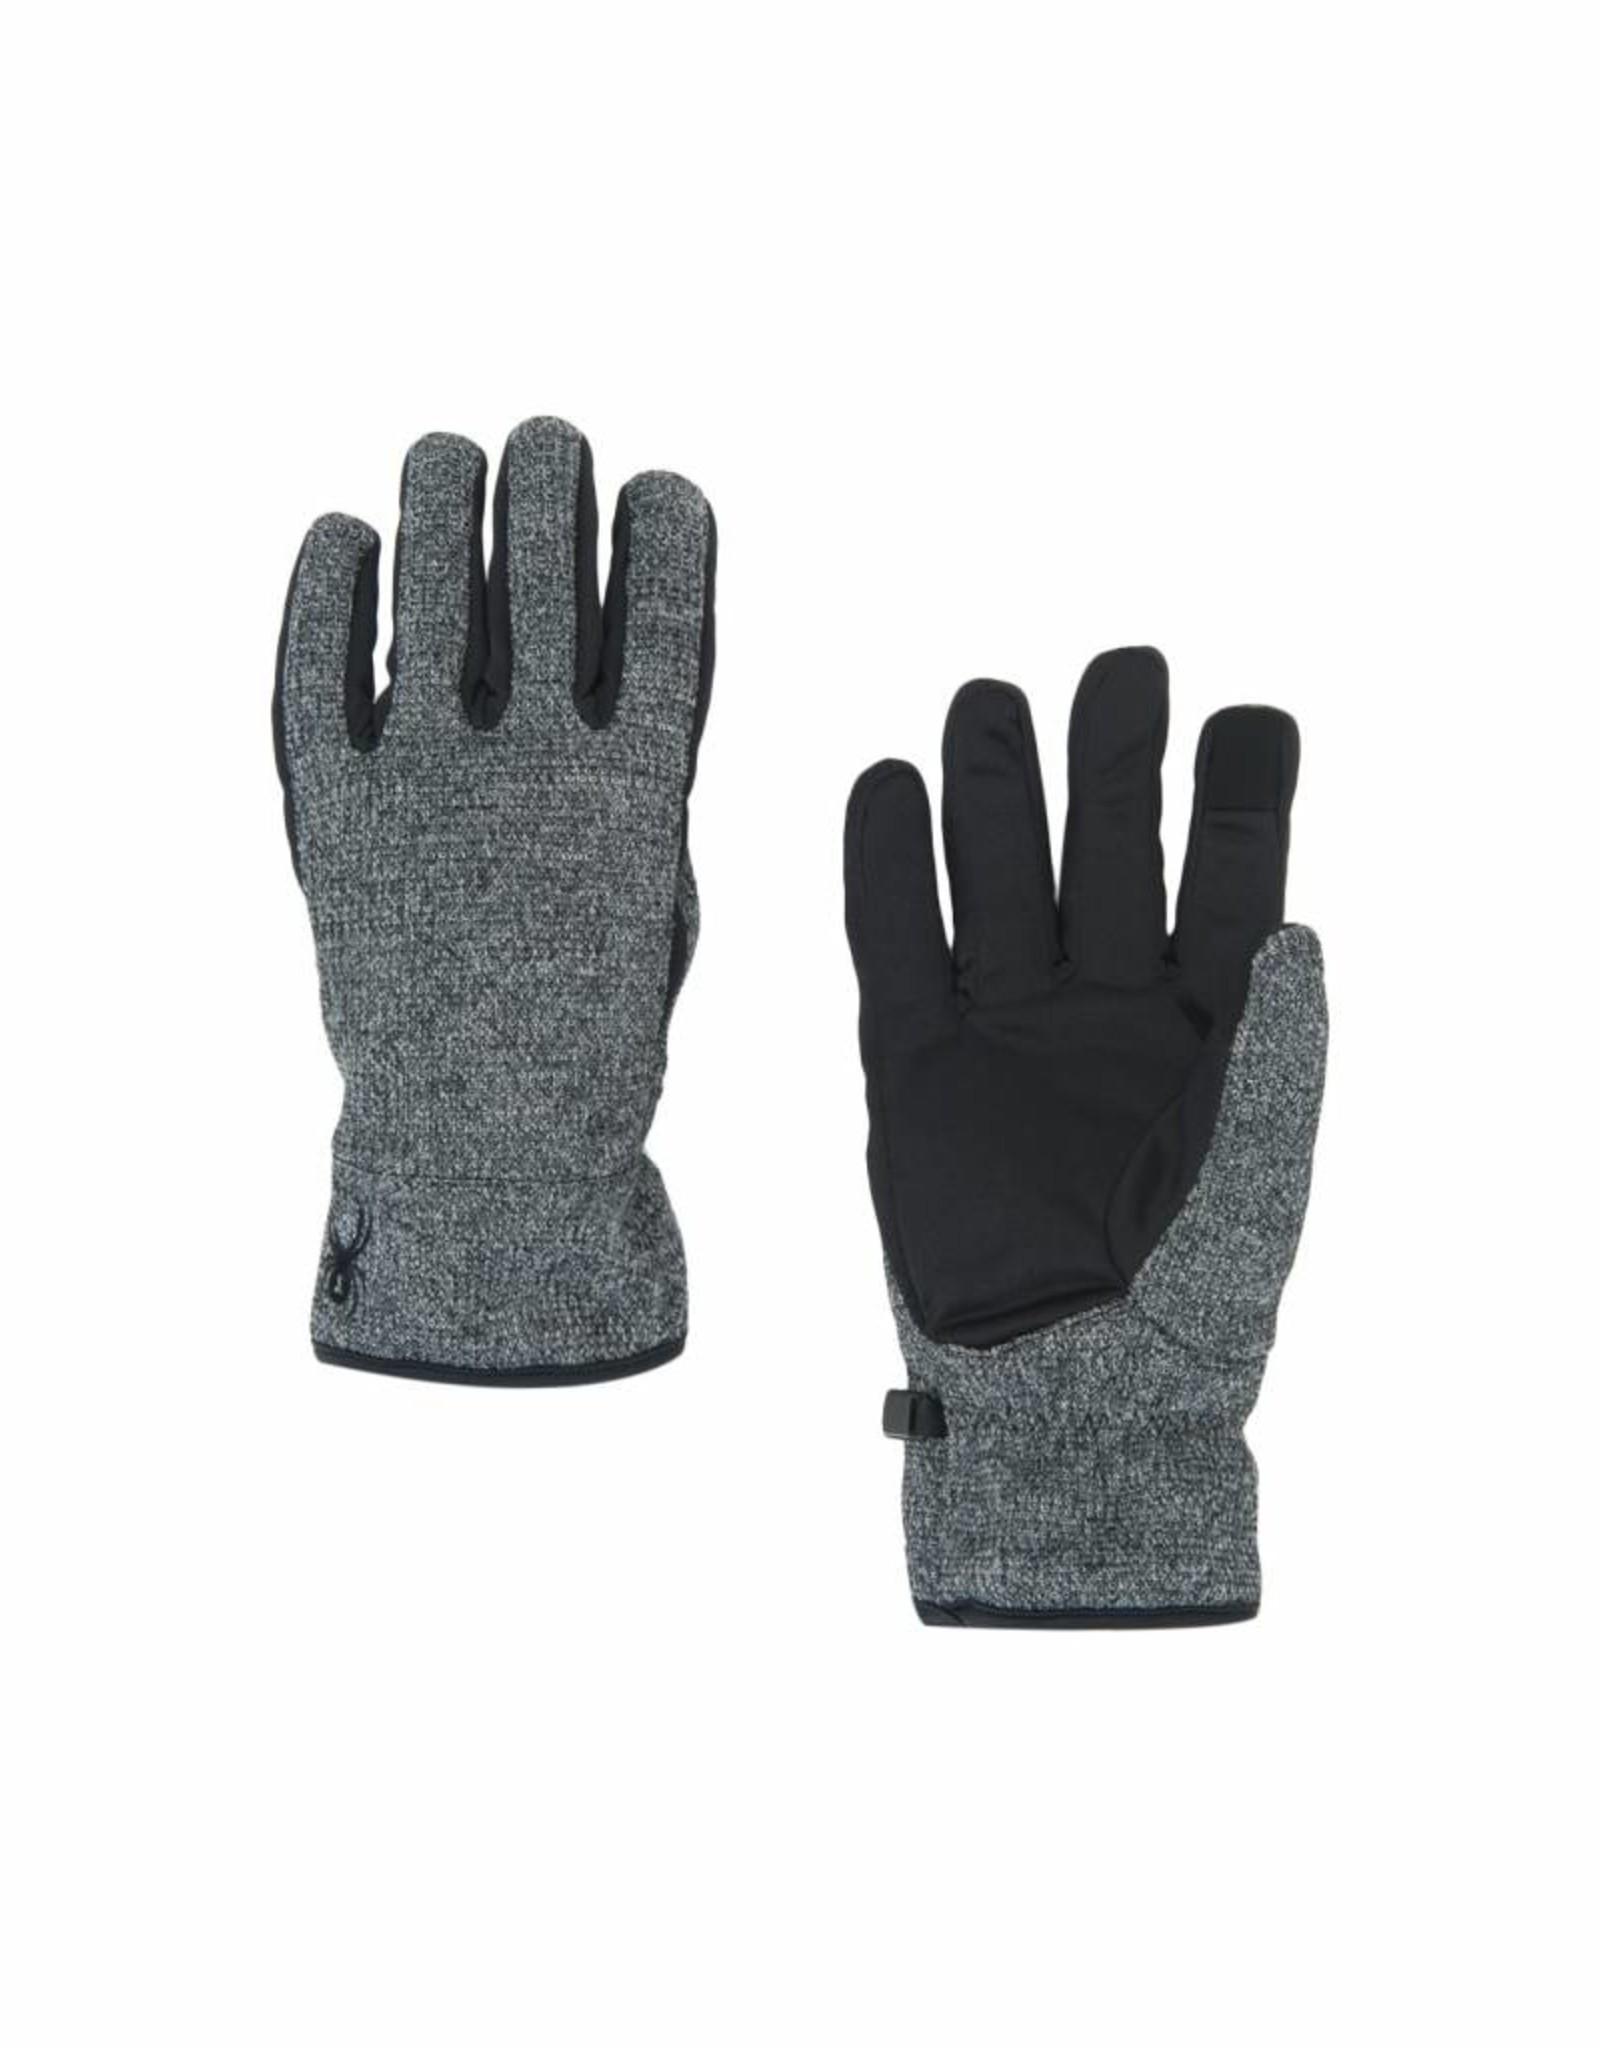 Spyder Bandit Stryke Glove